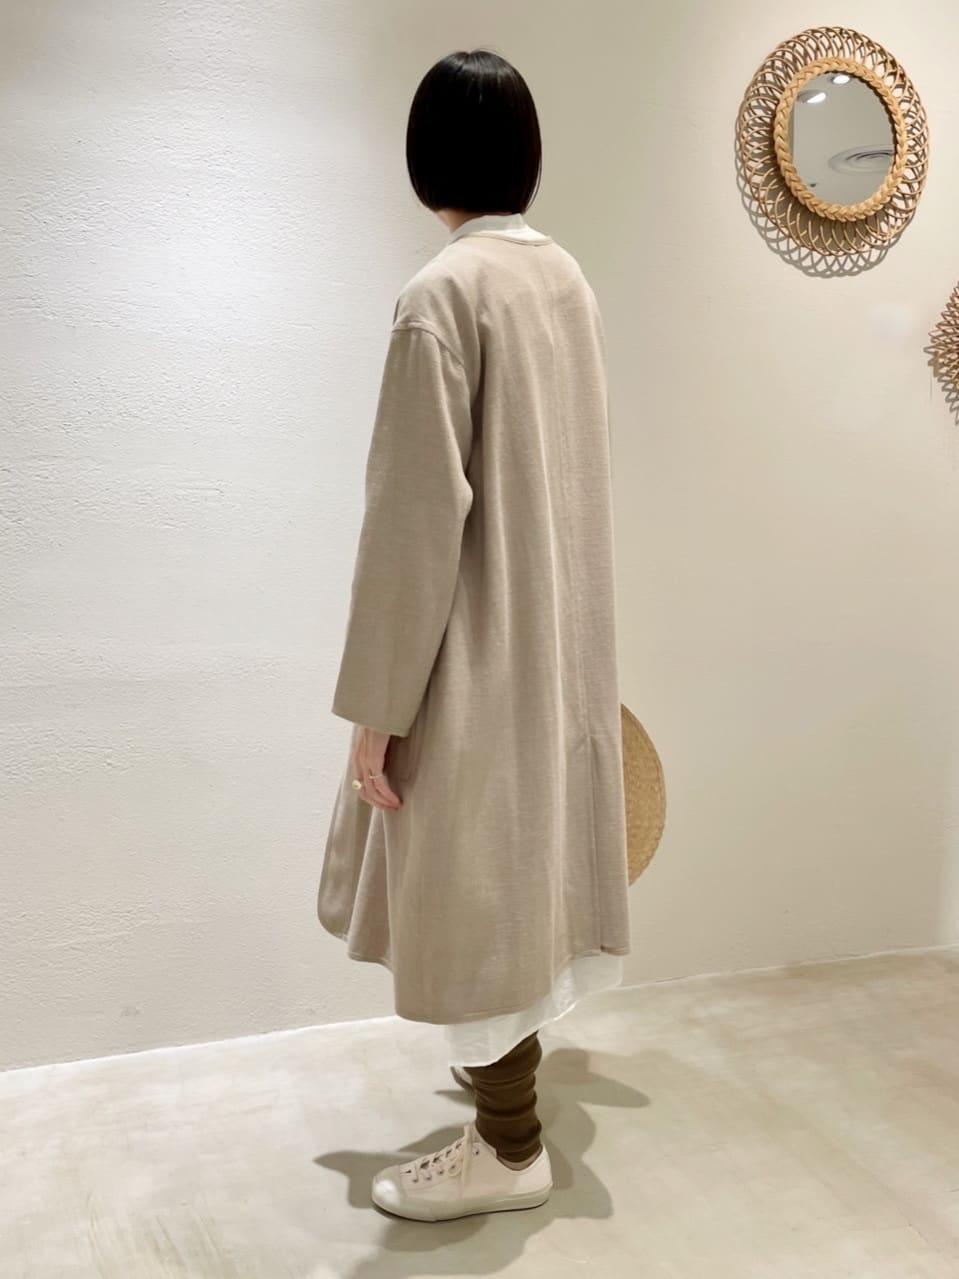 yuni ニュウマン横浜 身長:166cm 2021.09.12